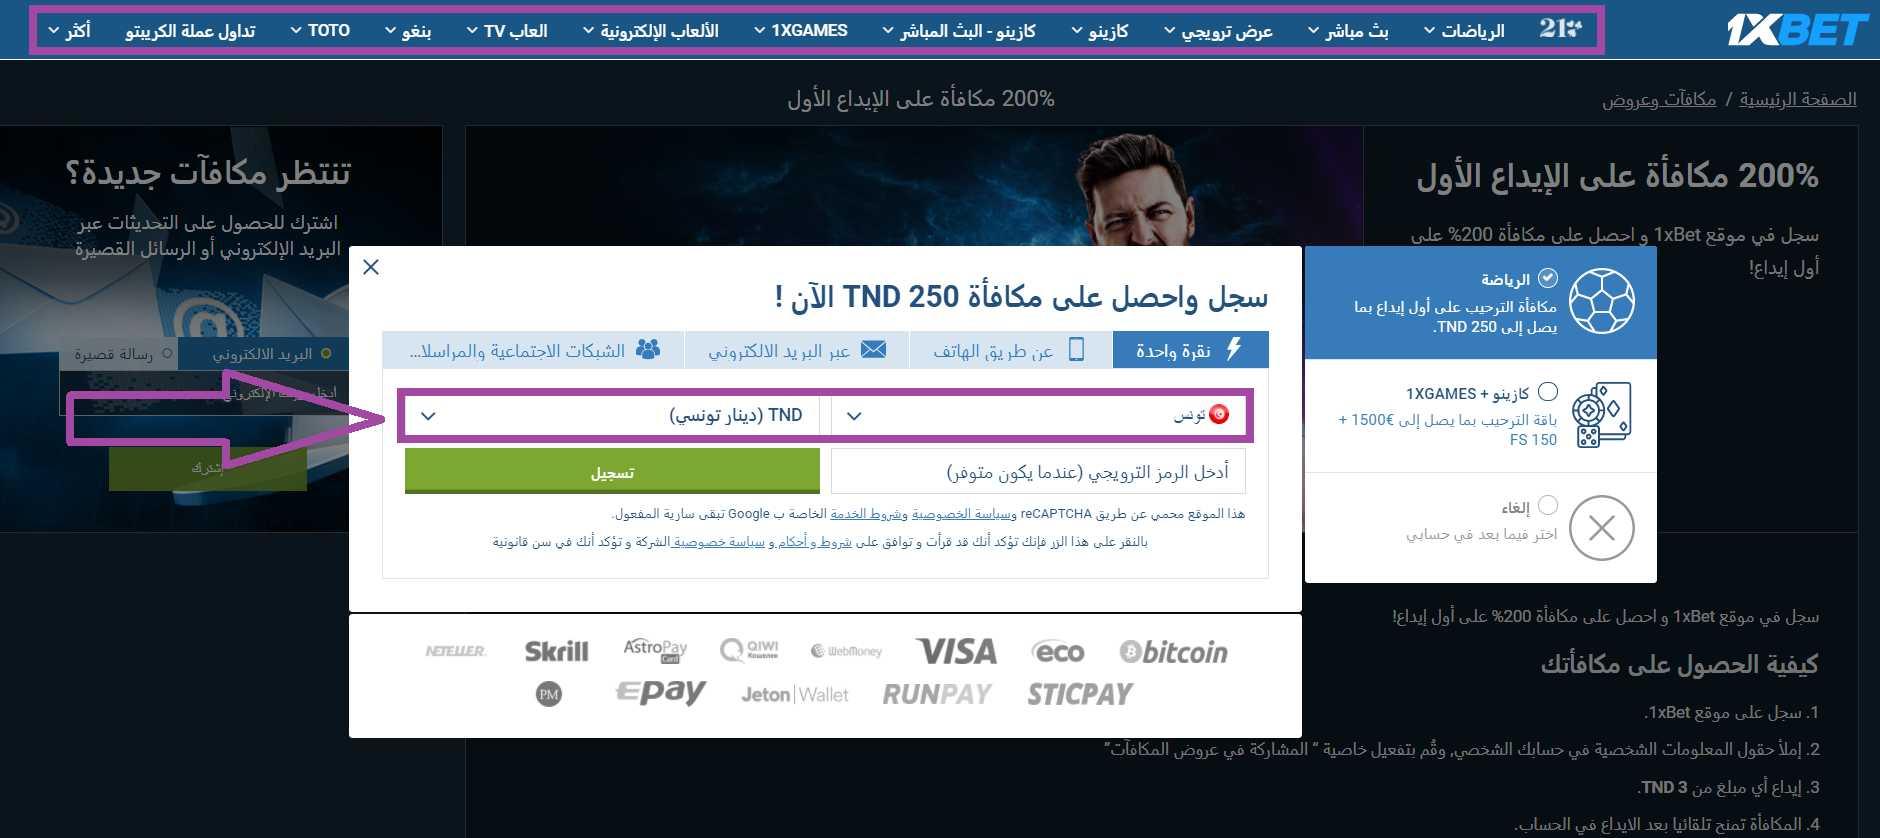 ما هي فوائد استعمال تطبيق جوال 1xBet في تونس